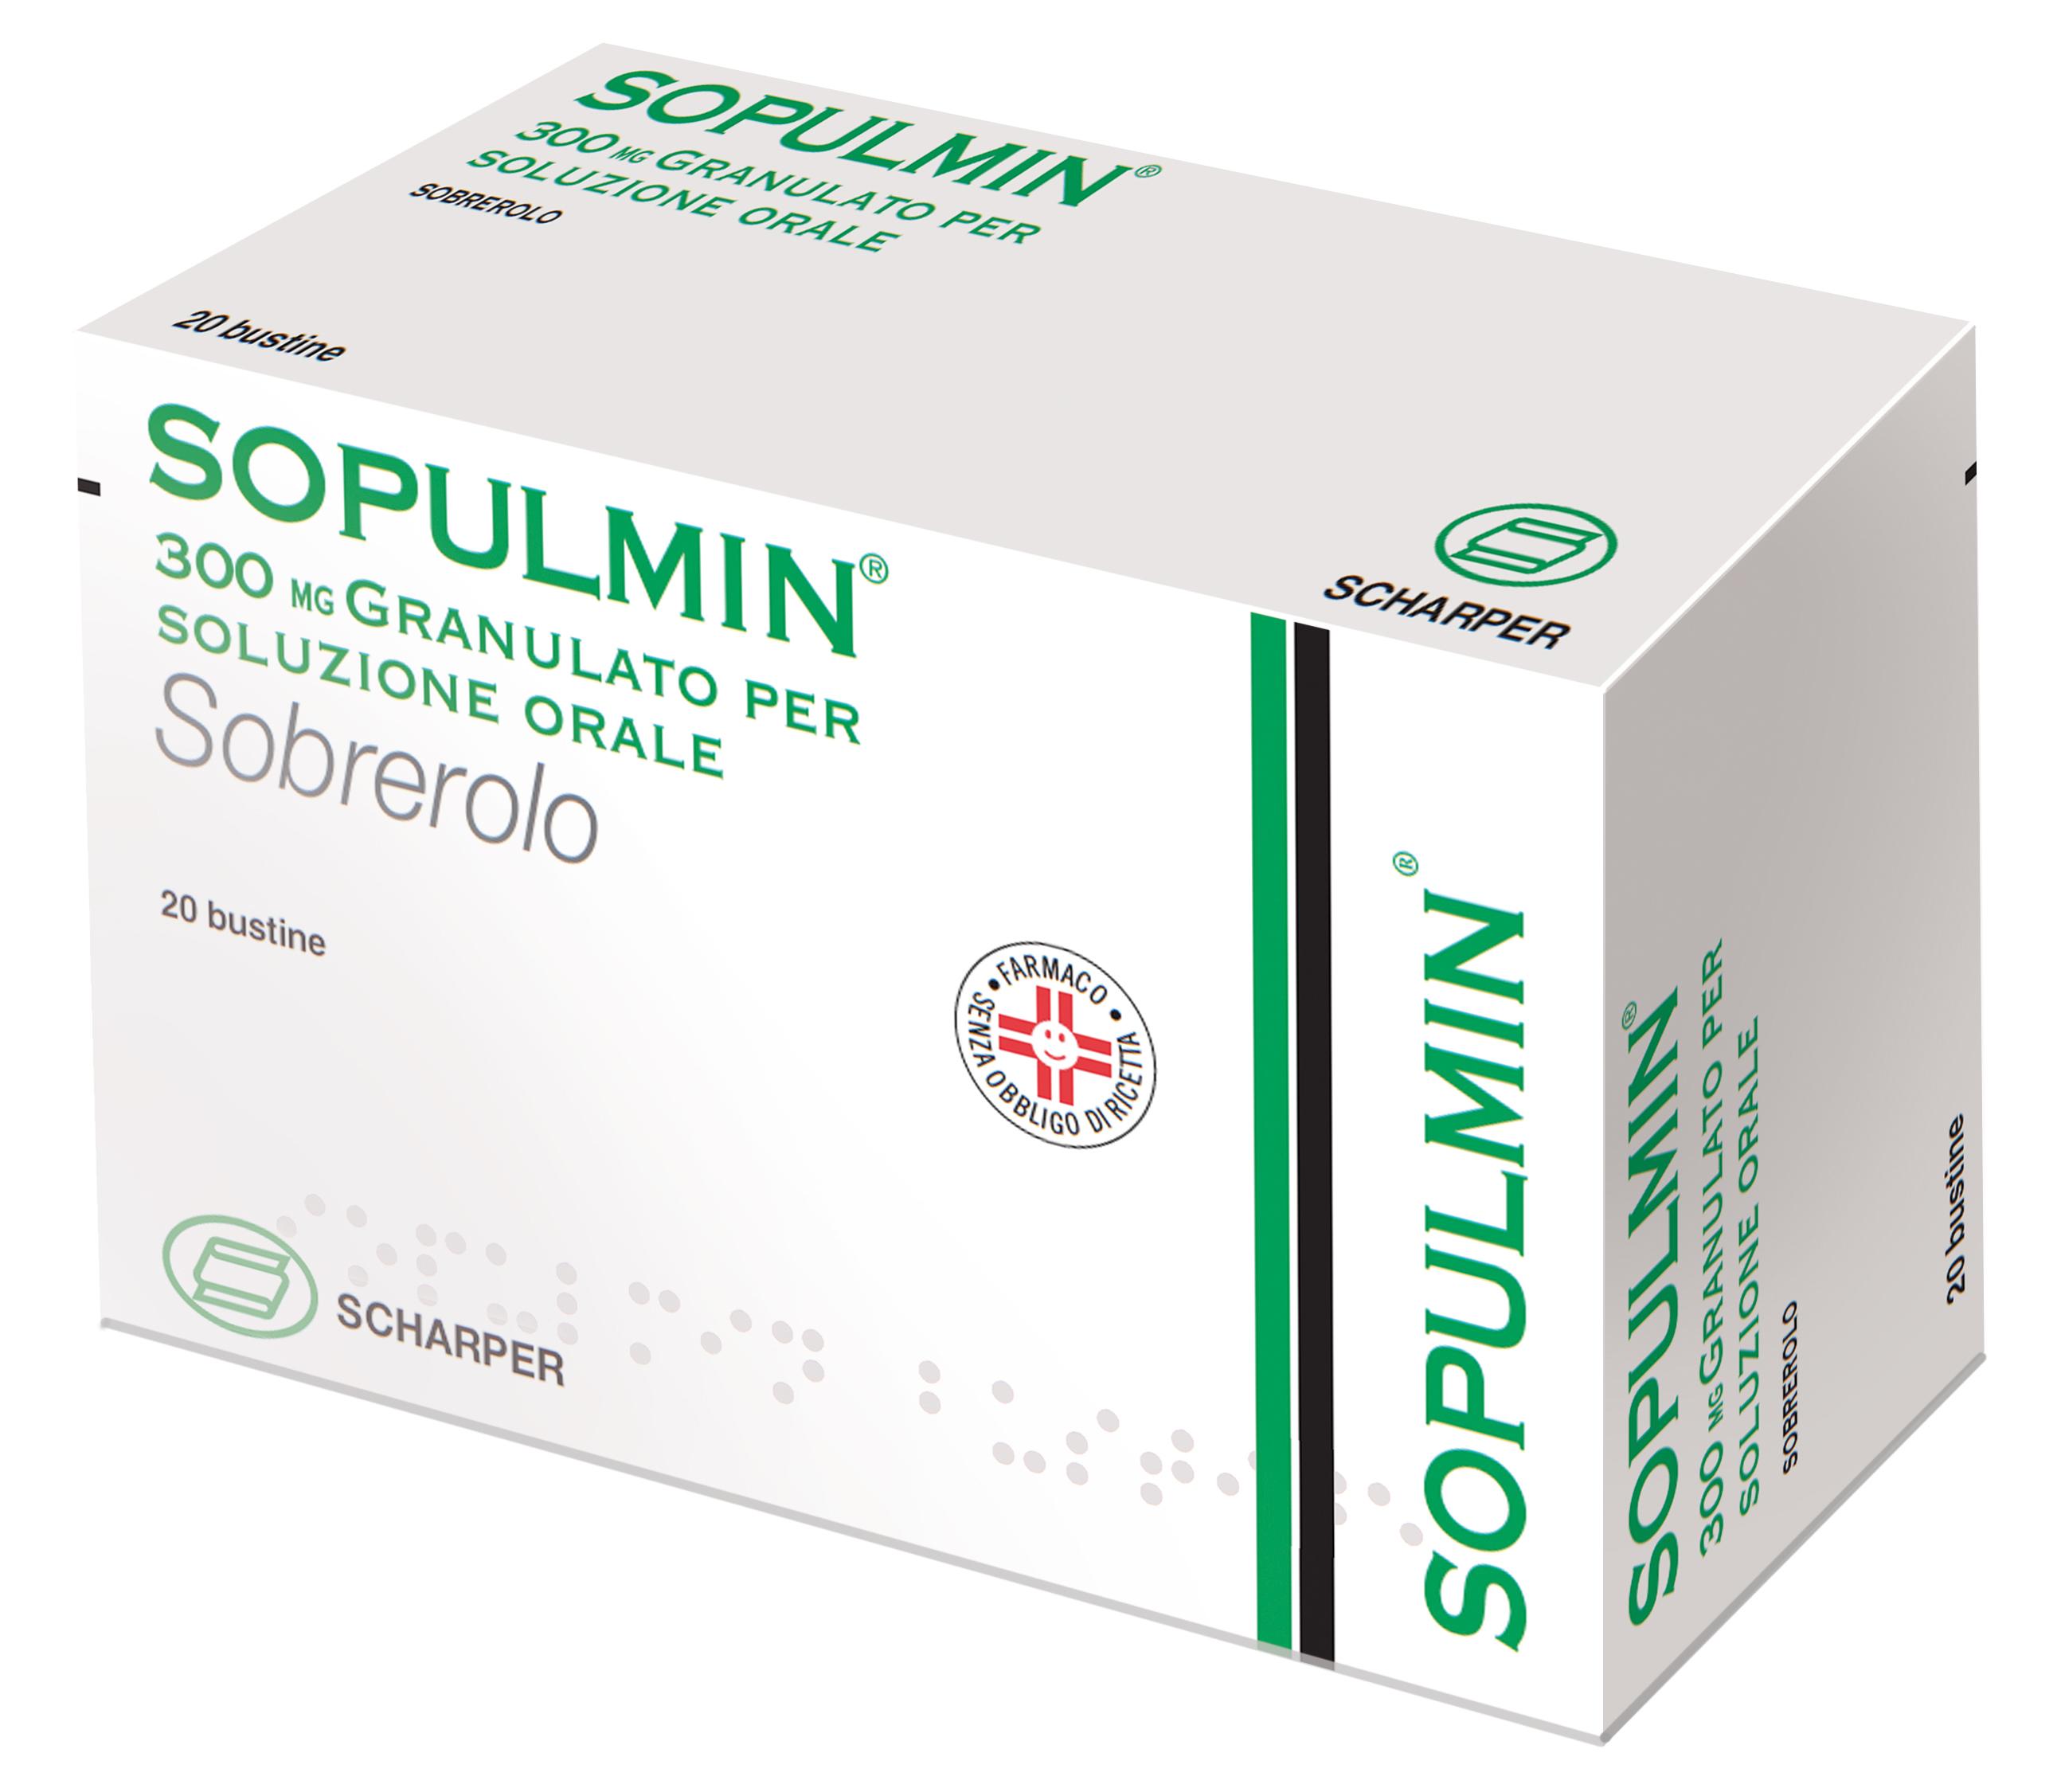 SOPULMIN*OS GRAT 20BUST 300MG - Farmastar.it